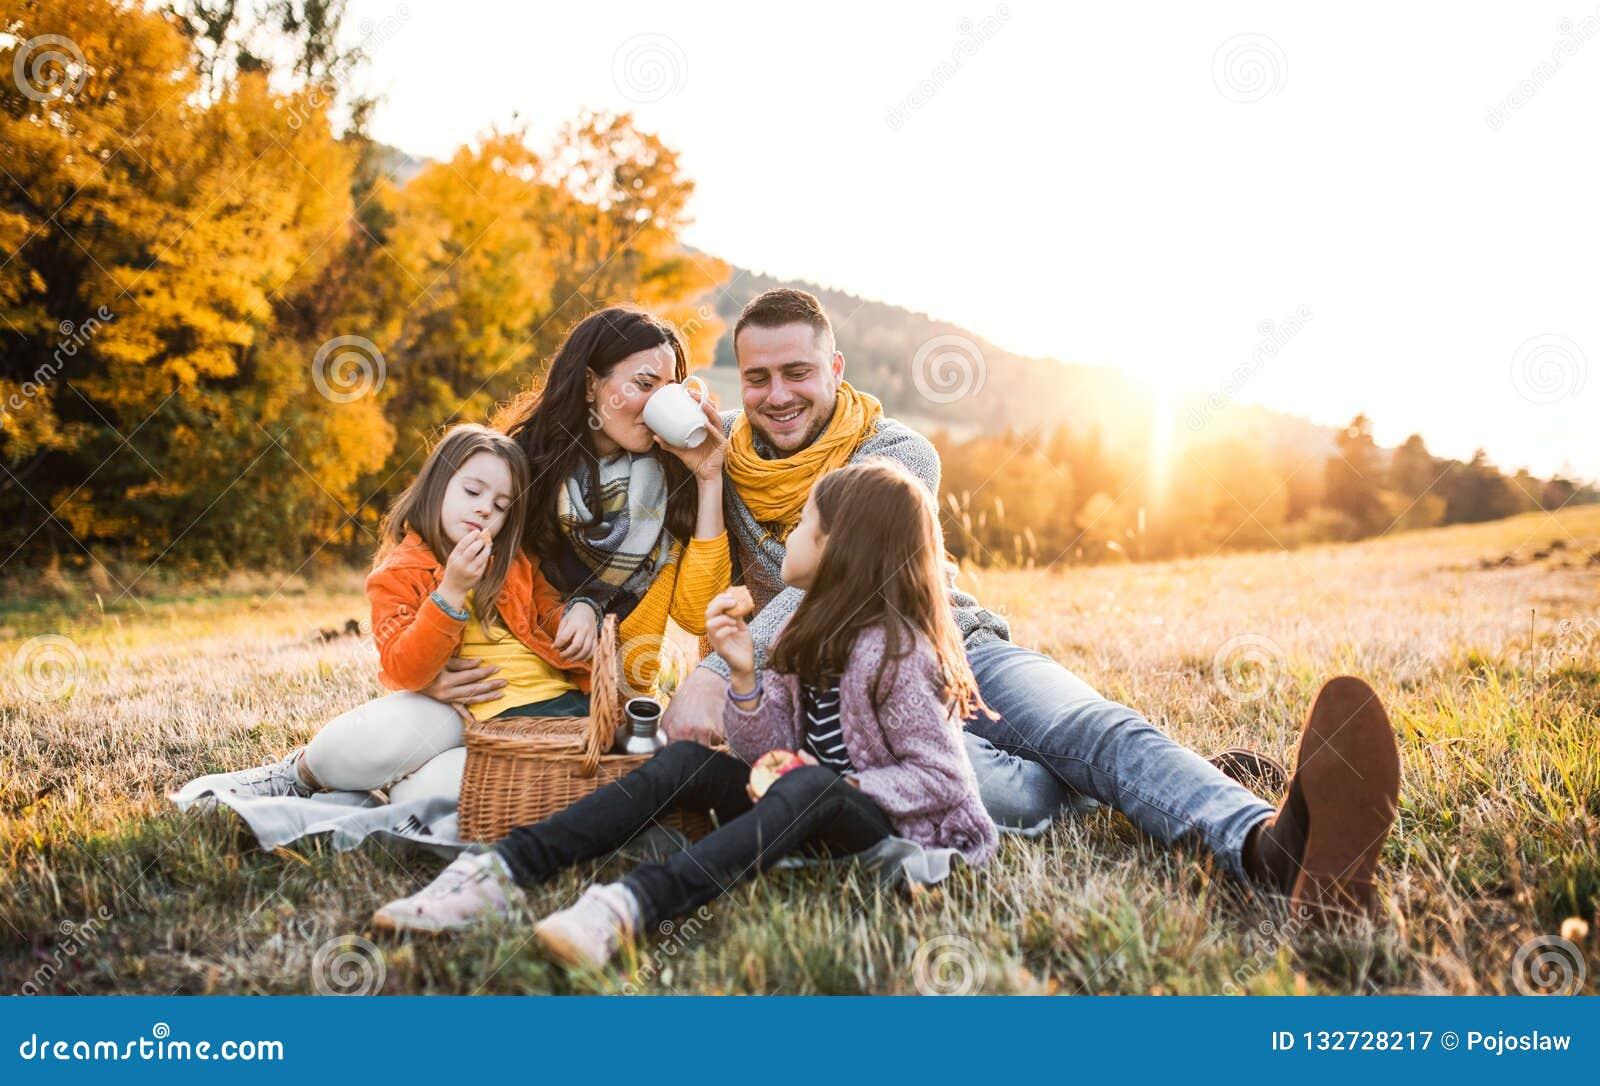 Μια νέα οικογένεια με δύο μικρά παιδιά που έχουν το πικ-νίκ στη φύση φθινοπώρου στο ηλιοβασίλεμα